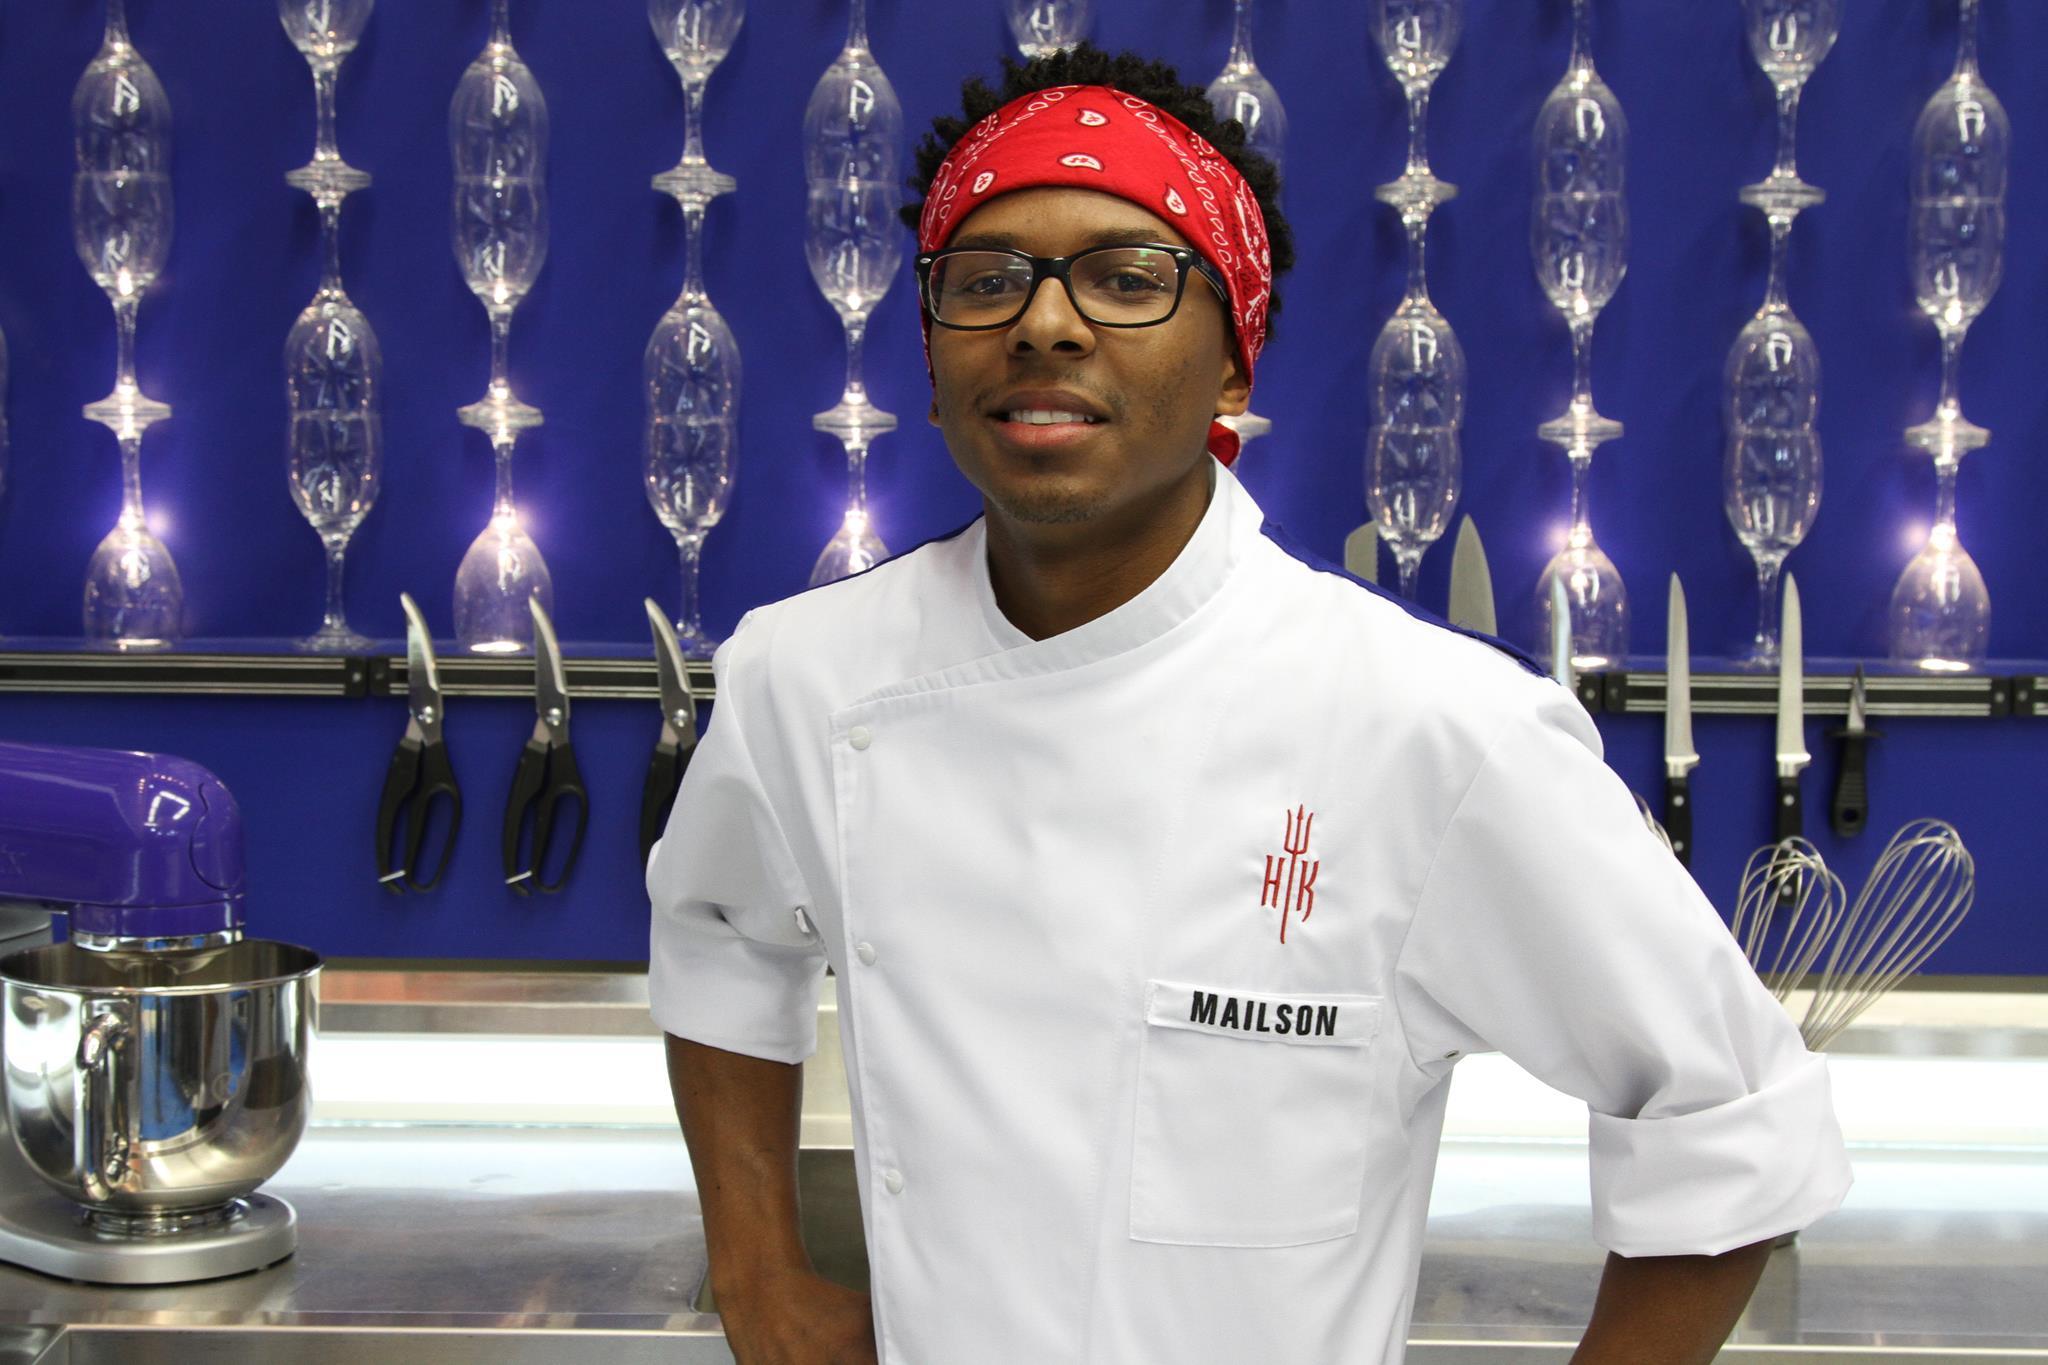 Maílson se interessou por gastronomia após participar de um projeto social e aprendeu muito do que sabe vendo programas gastronômicos para poder cozinhar para o irmão enquanto os pais trabalhavam. Sonha em viajar para a África para aprender sobre a culinária local